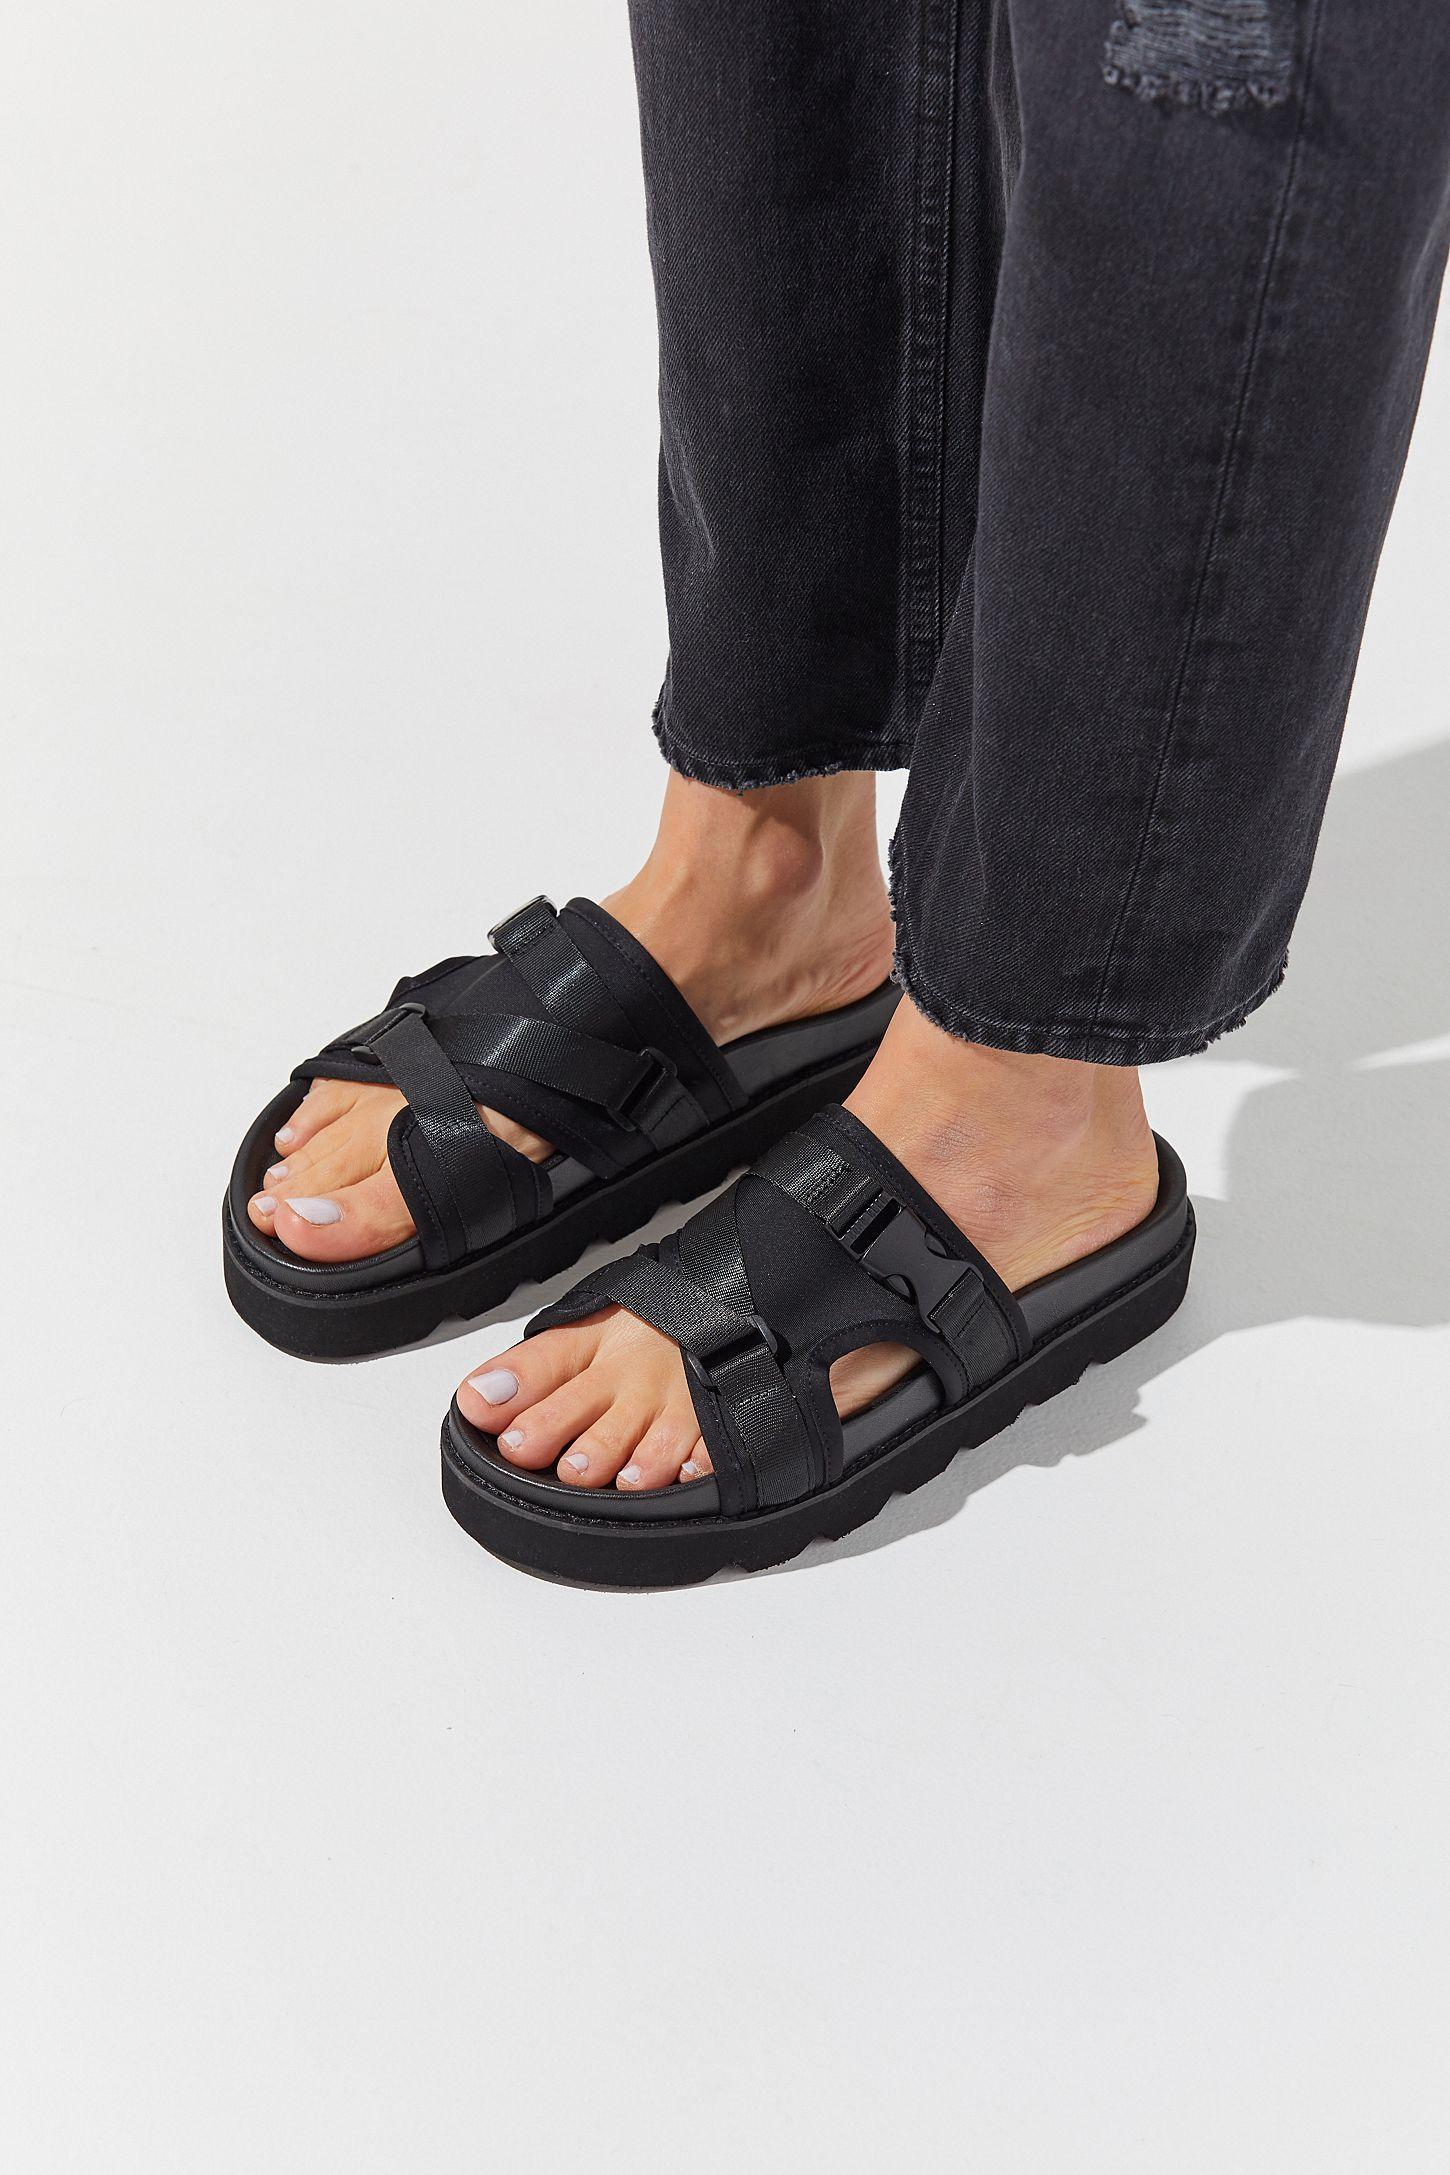 UO Sport Slide Sandal | Sandals, Sport sandals, Shoes